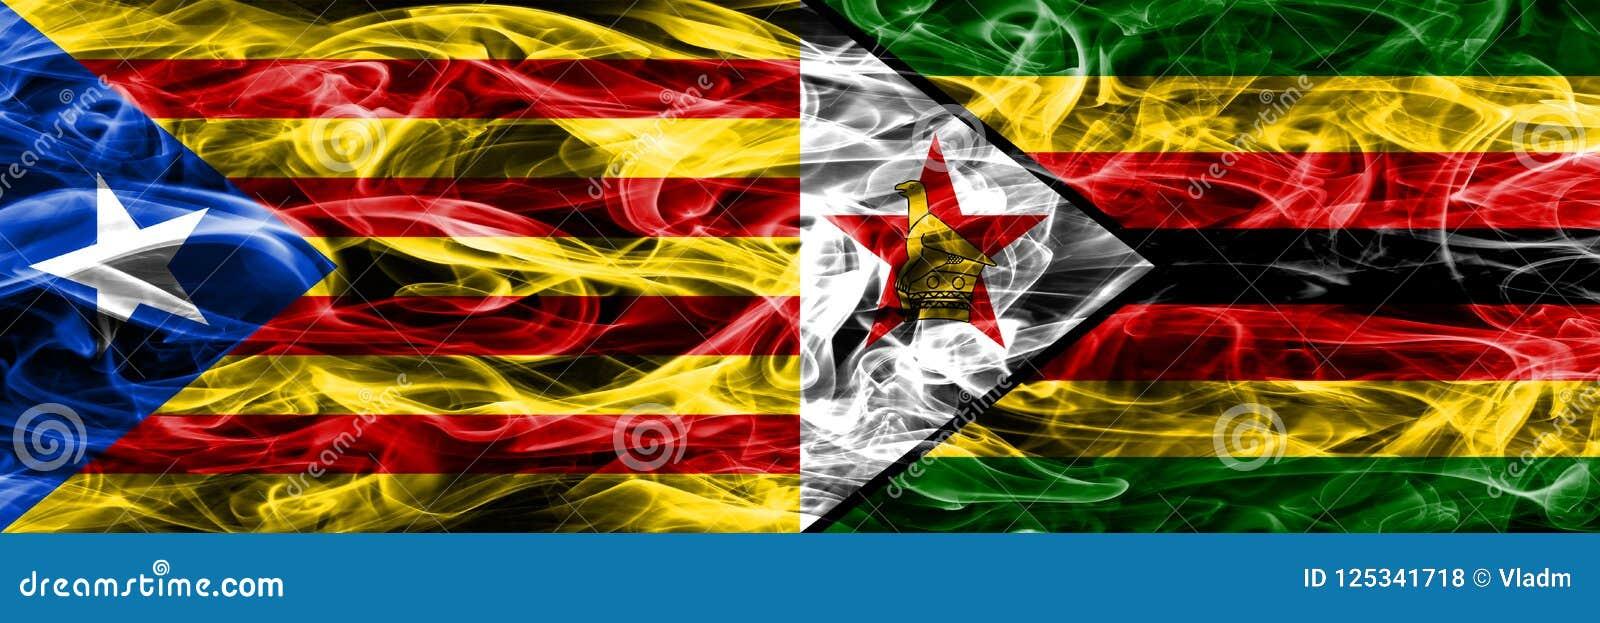 Catalonia vs Zimbabwe kopieringsrök sjunker den förlade sidan - förbi - sidan Tjockt färgade silkeslena rökflaggor av Catalan och